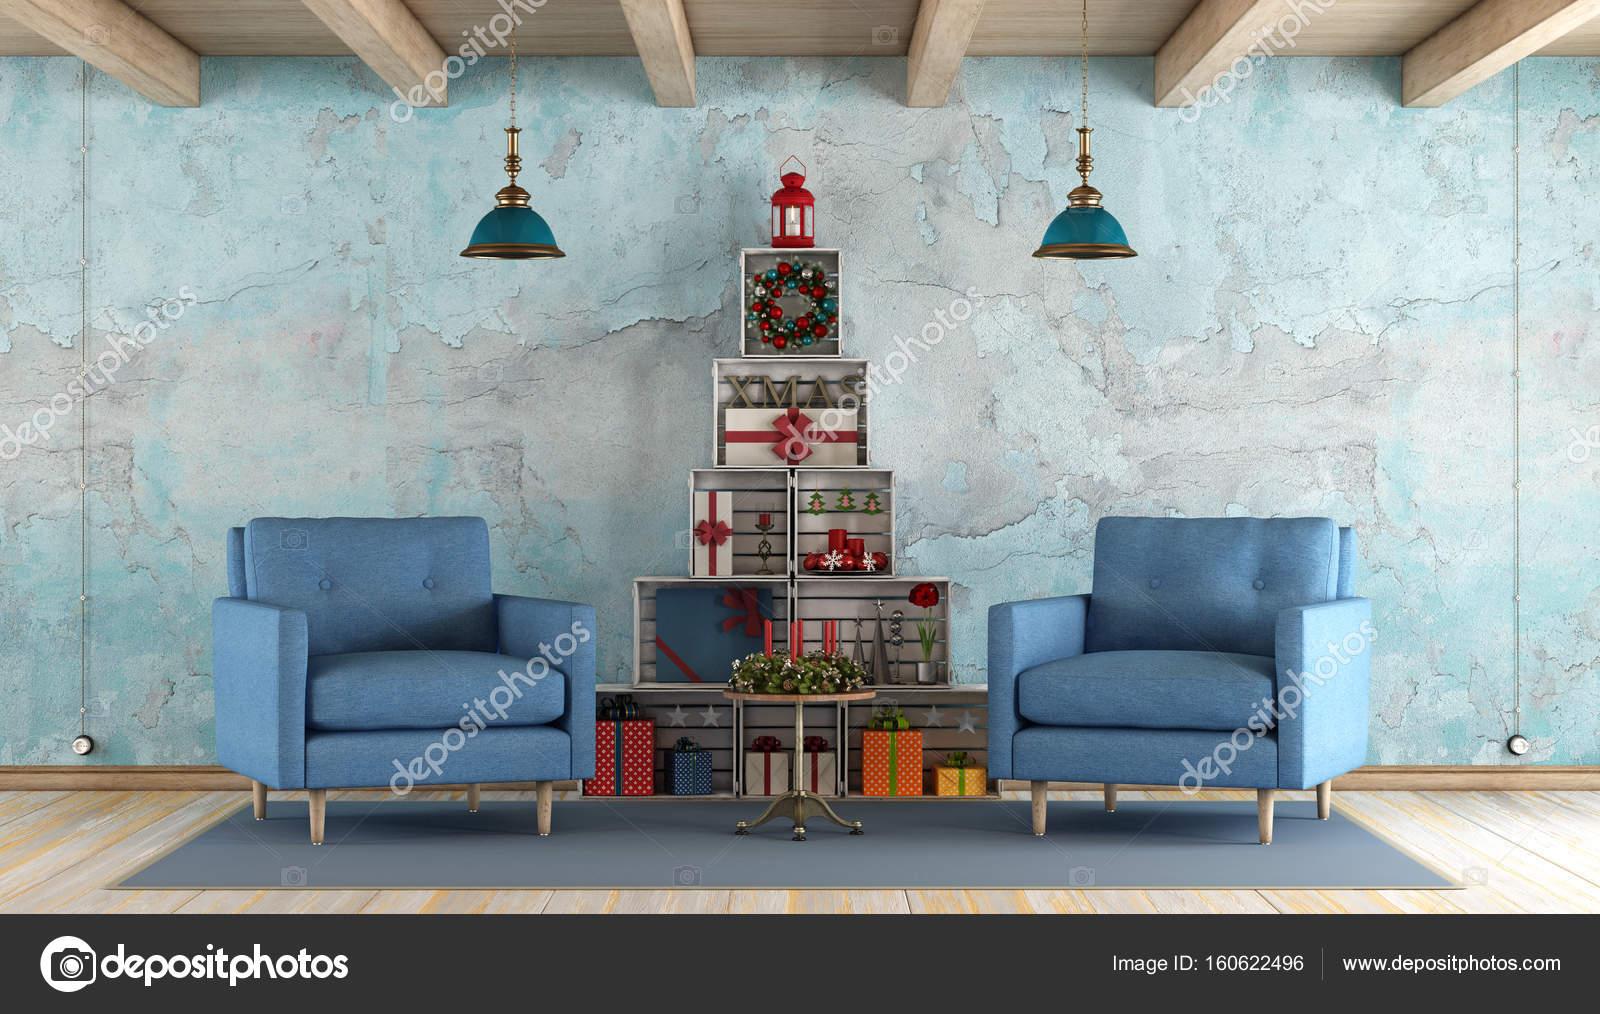 Retro woonkamer met kerstversiering — Stockfoto © archideaphoto ...